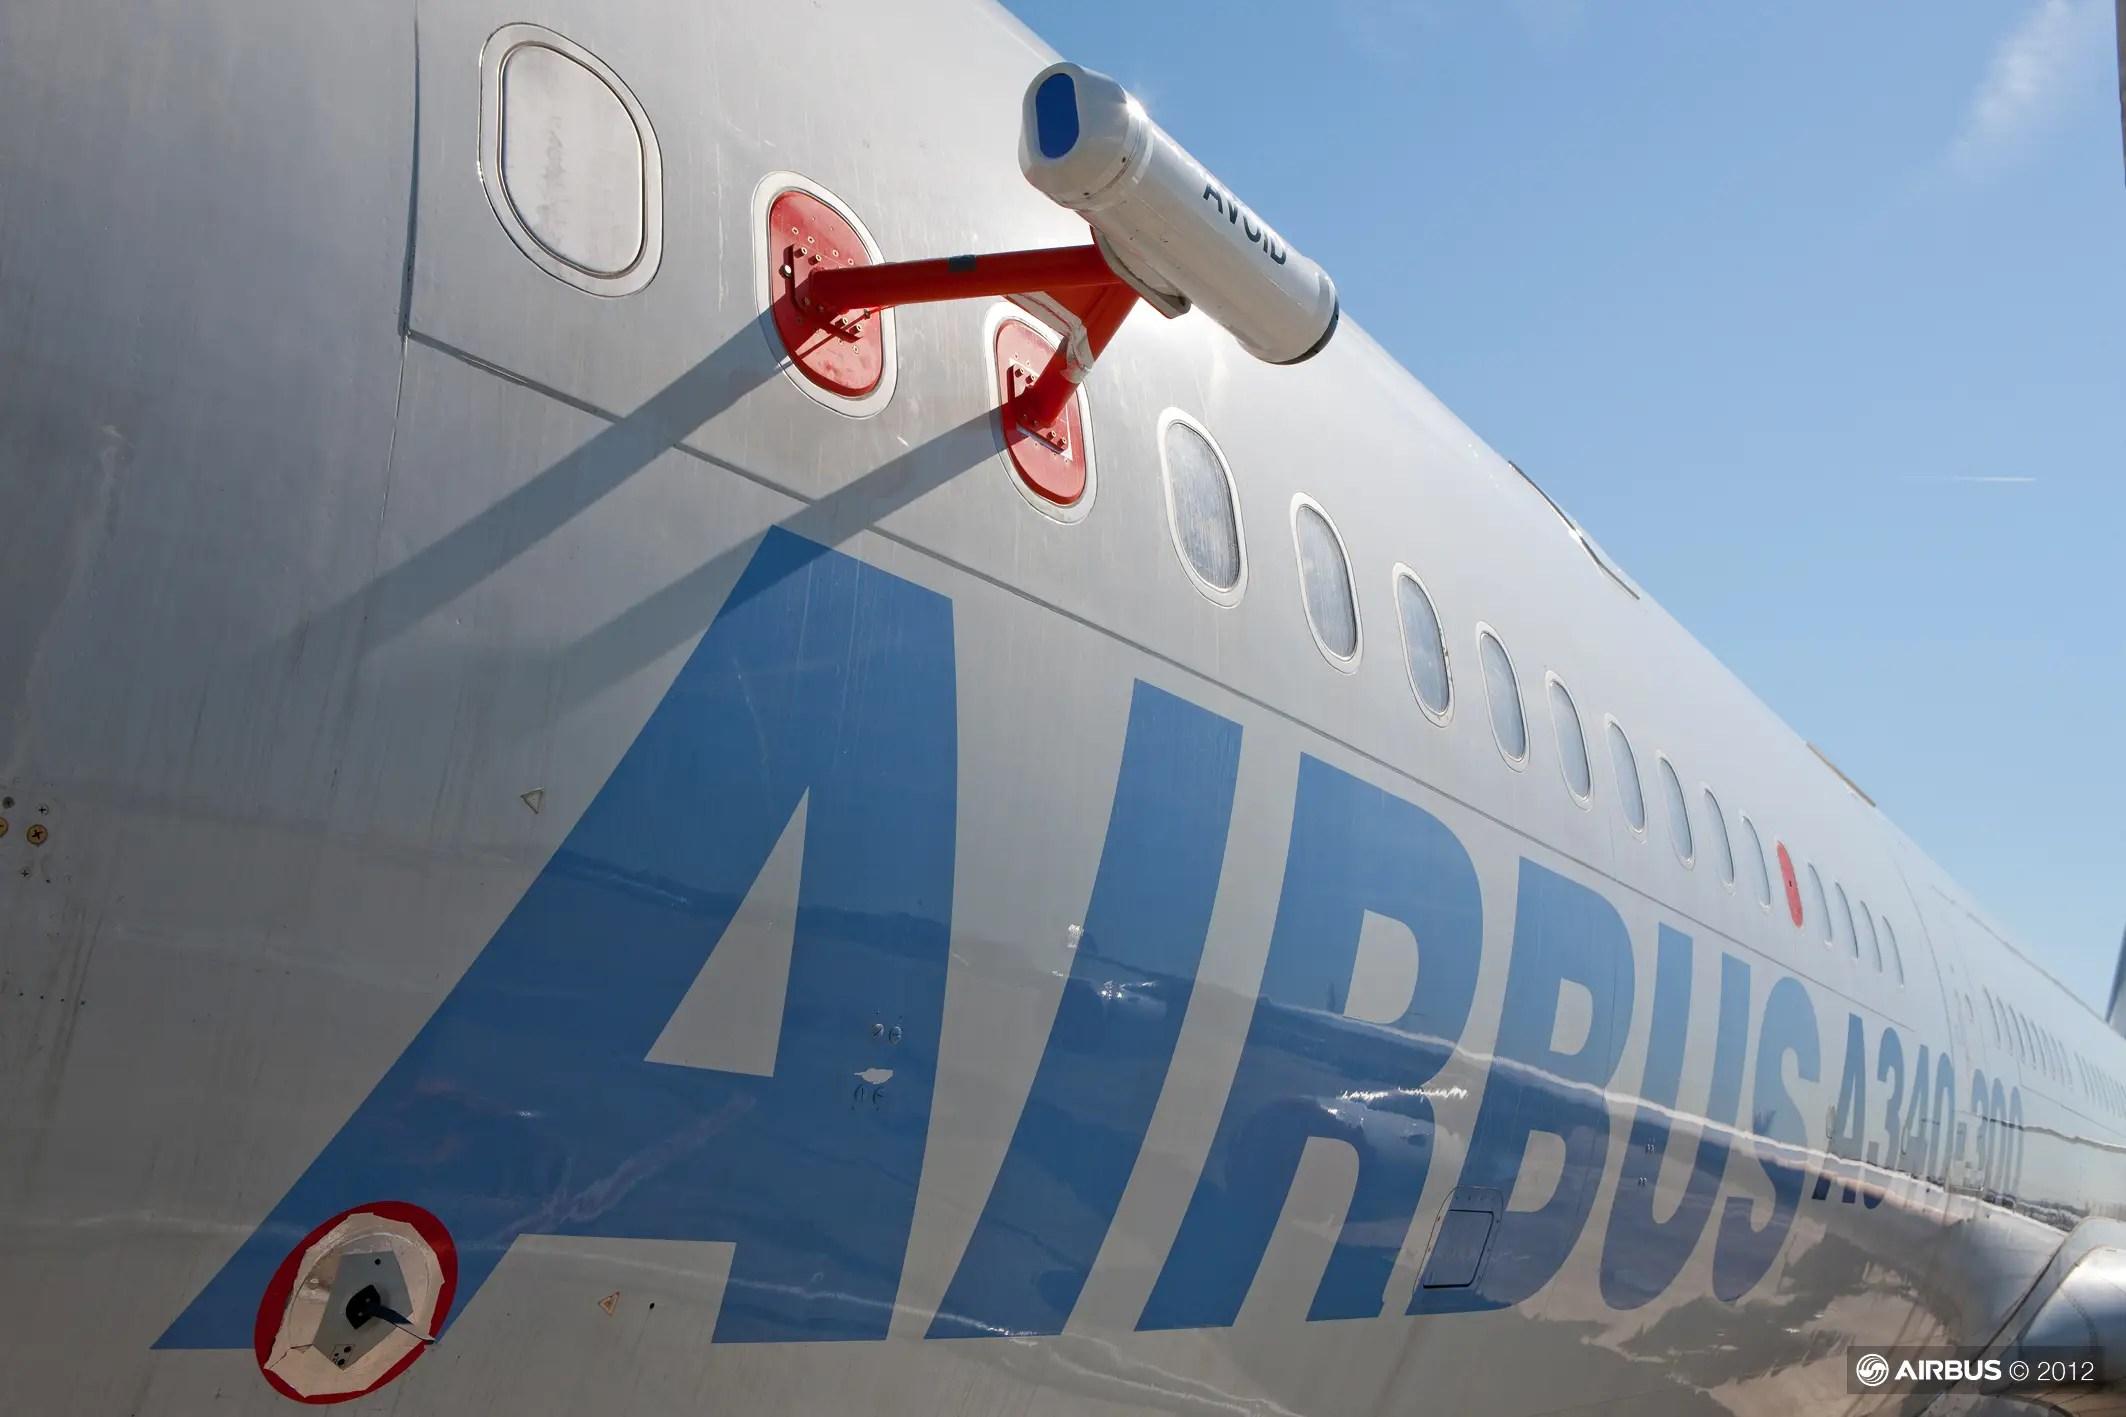 Airbus a340 detección de cenizas